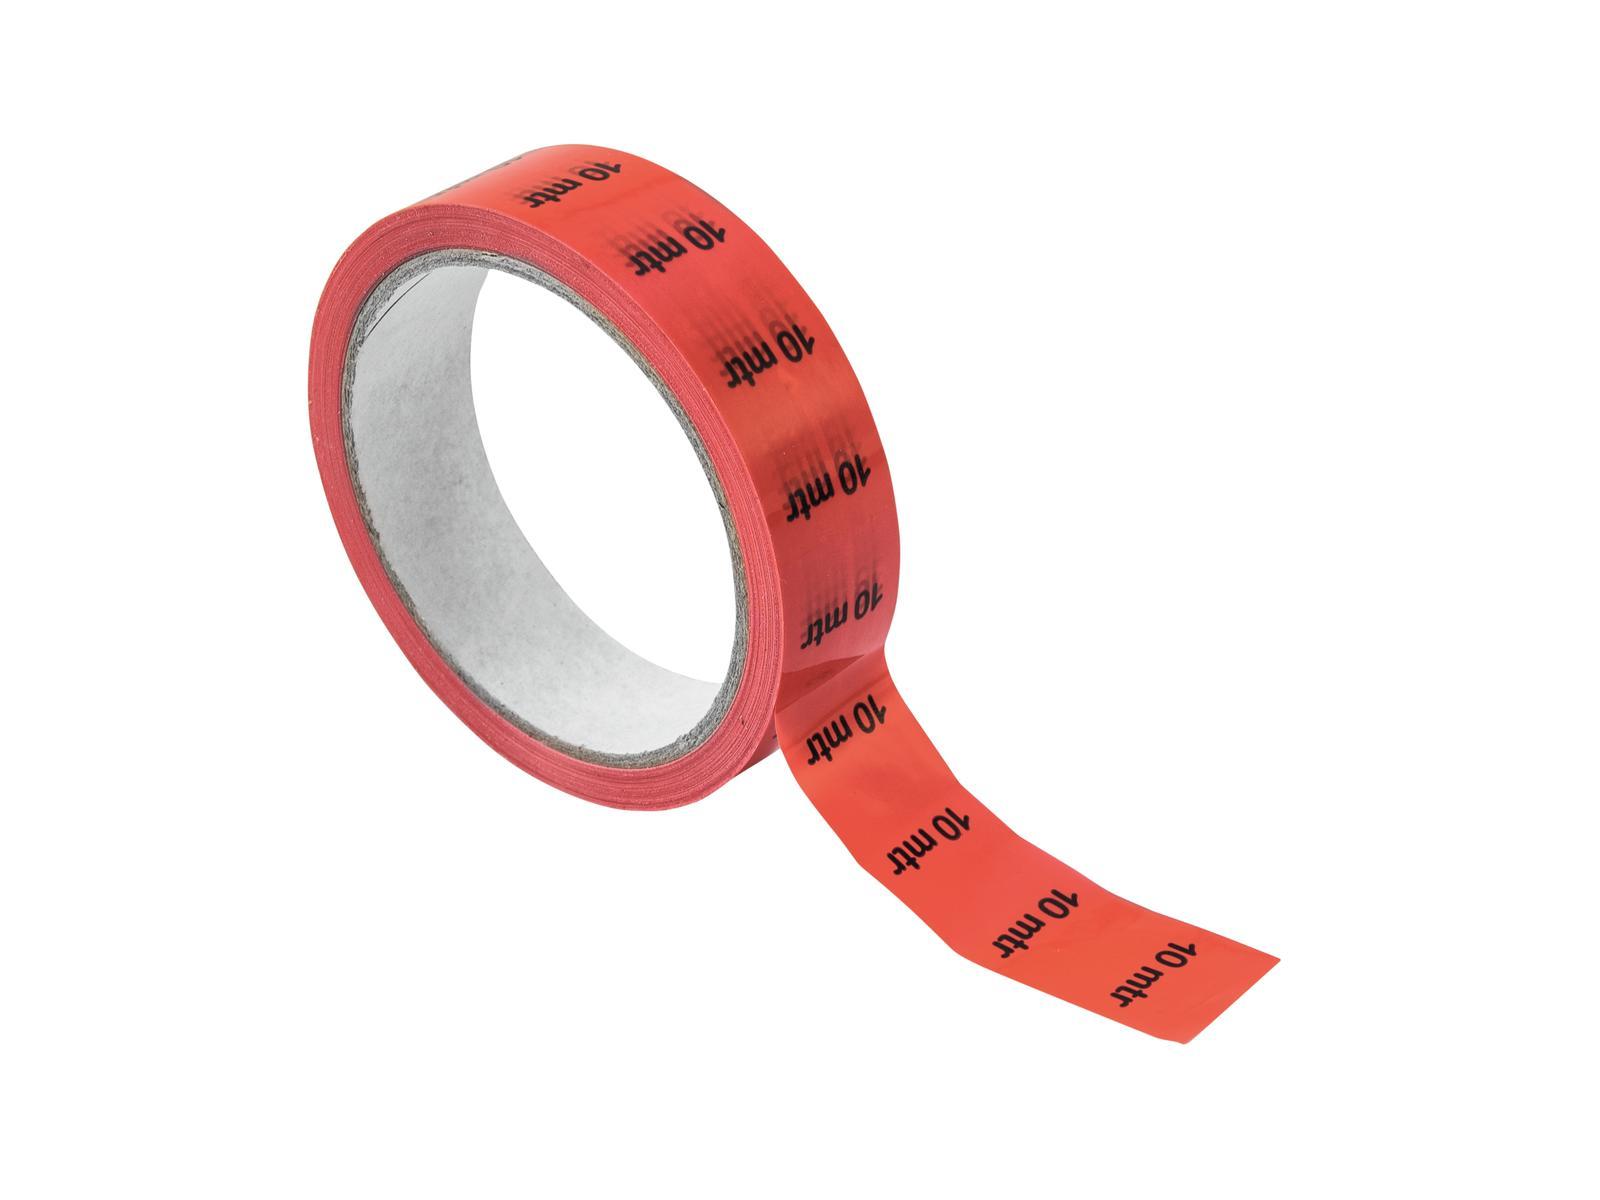 ACCESSORY Kabelmarkierung 10m, rot